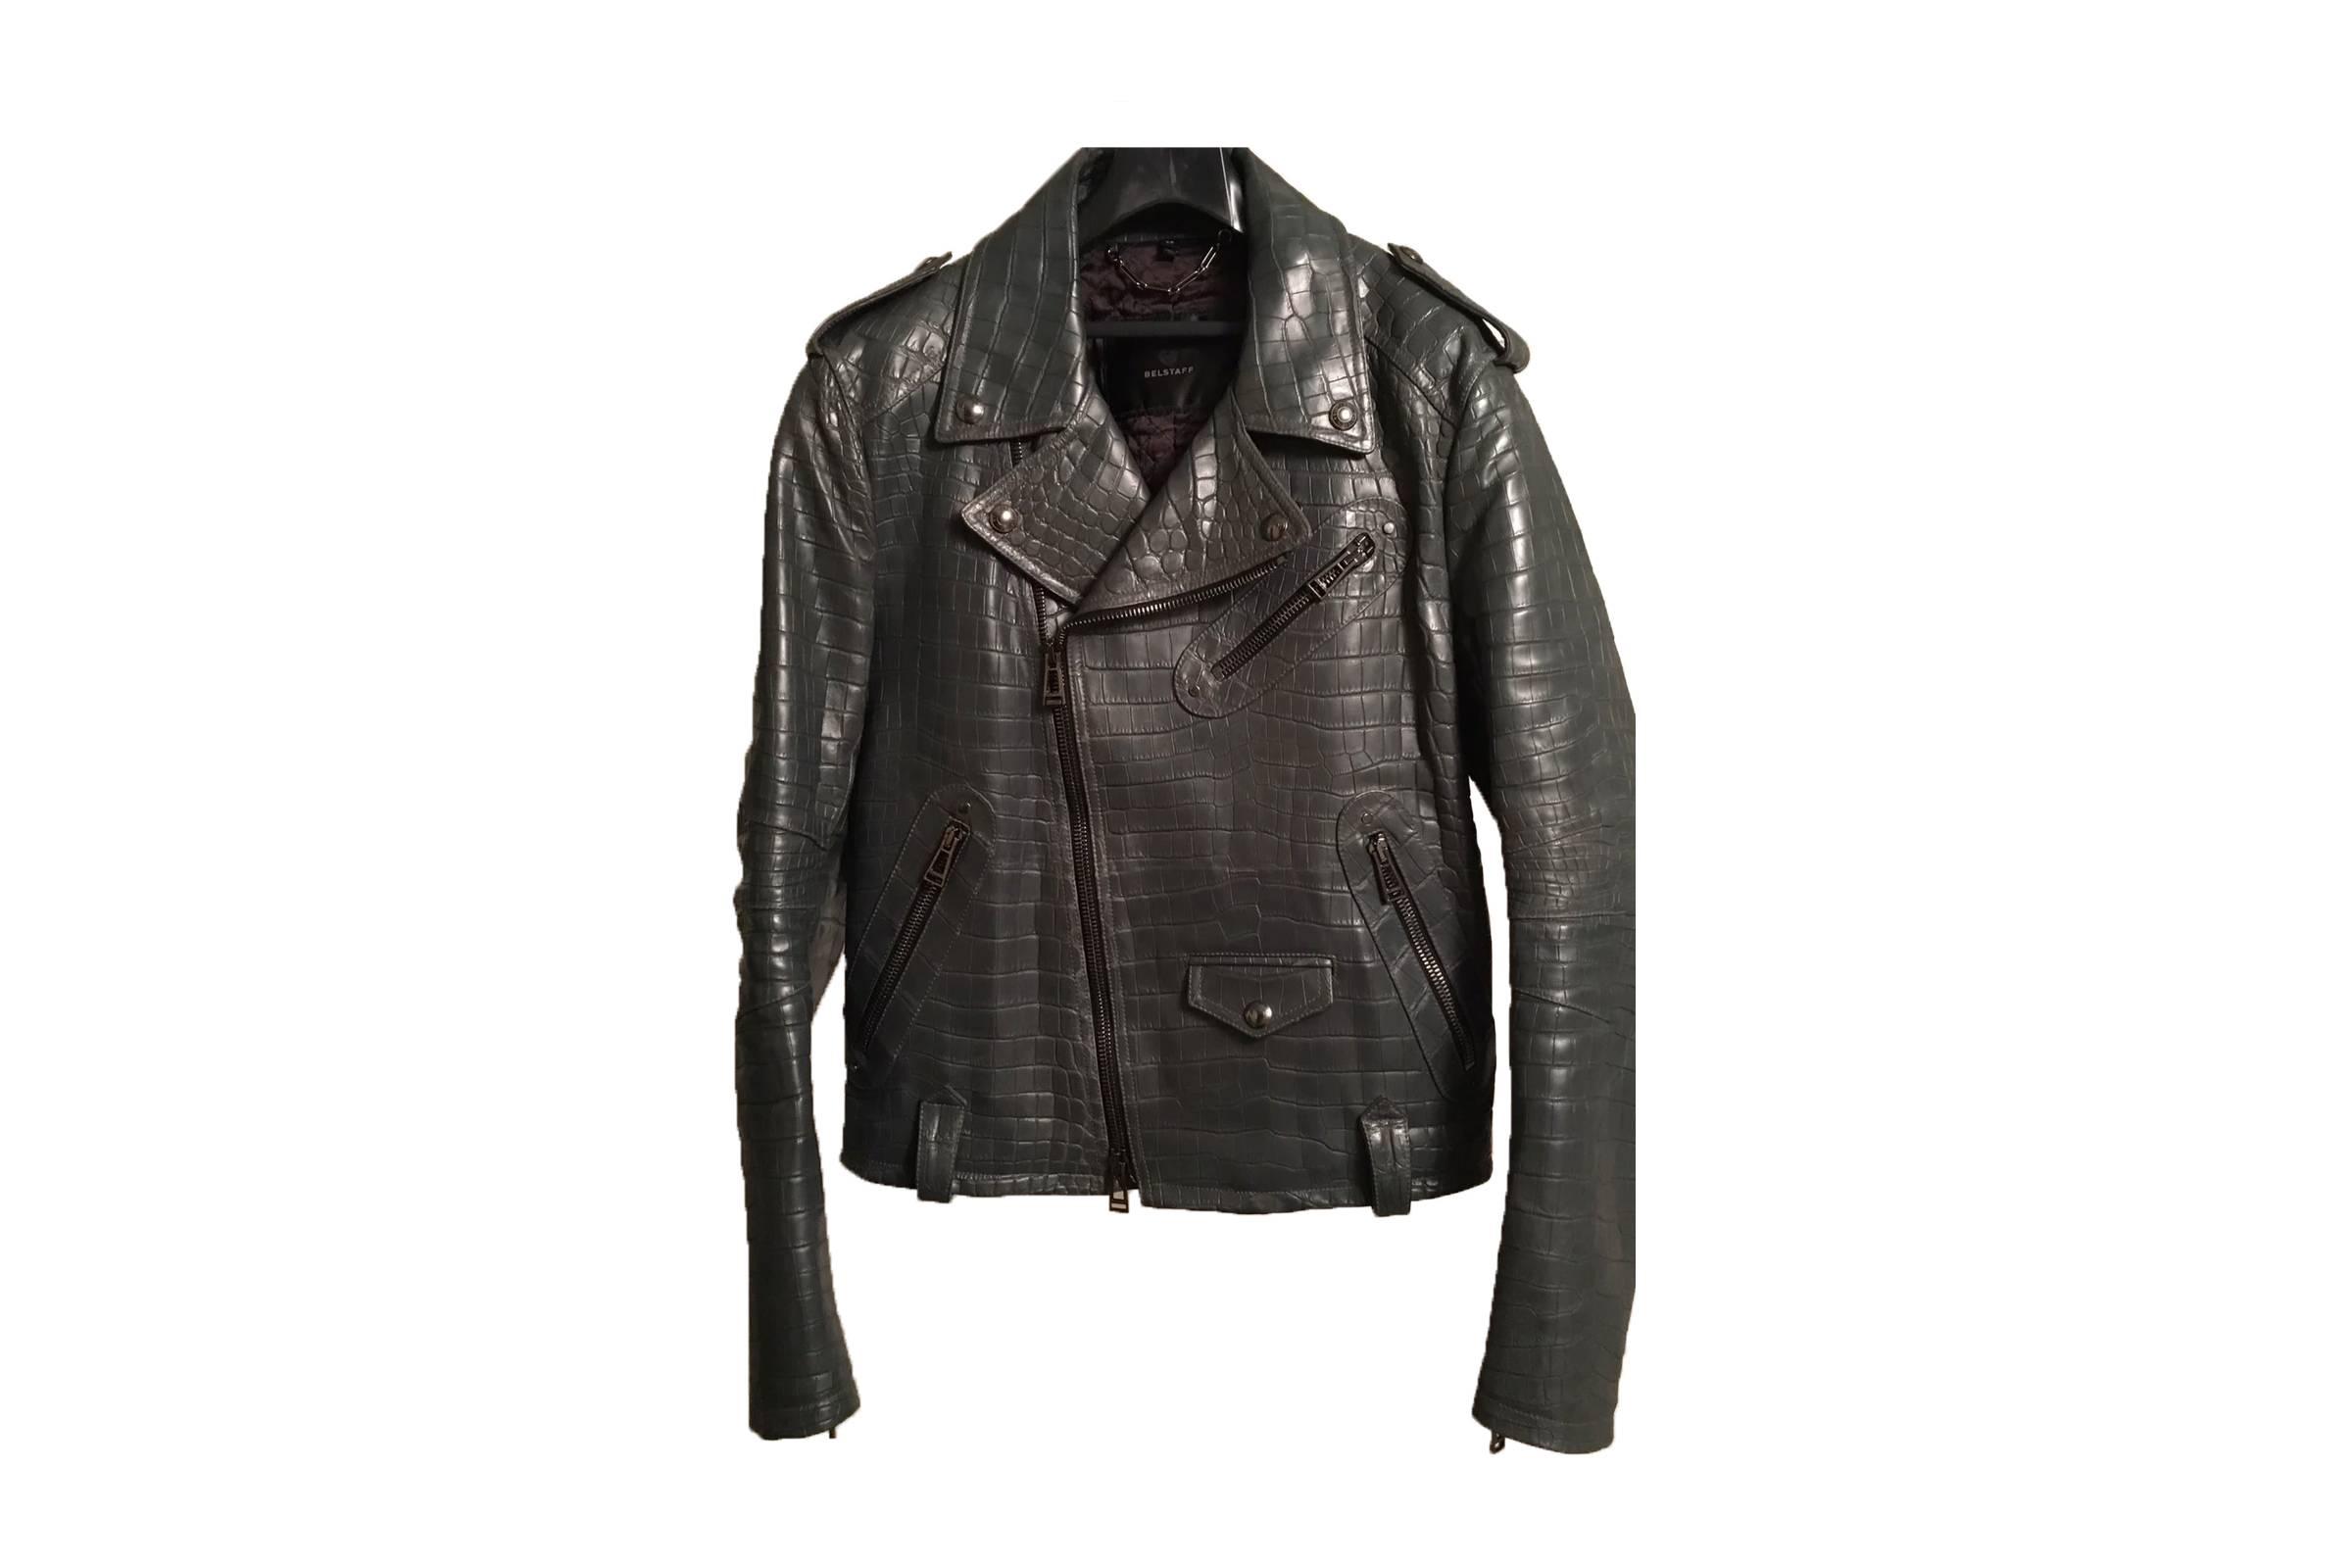 Belstaff Crocodile Leather Motorcycle Jacket